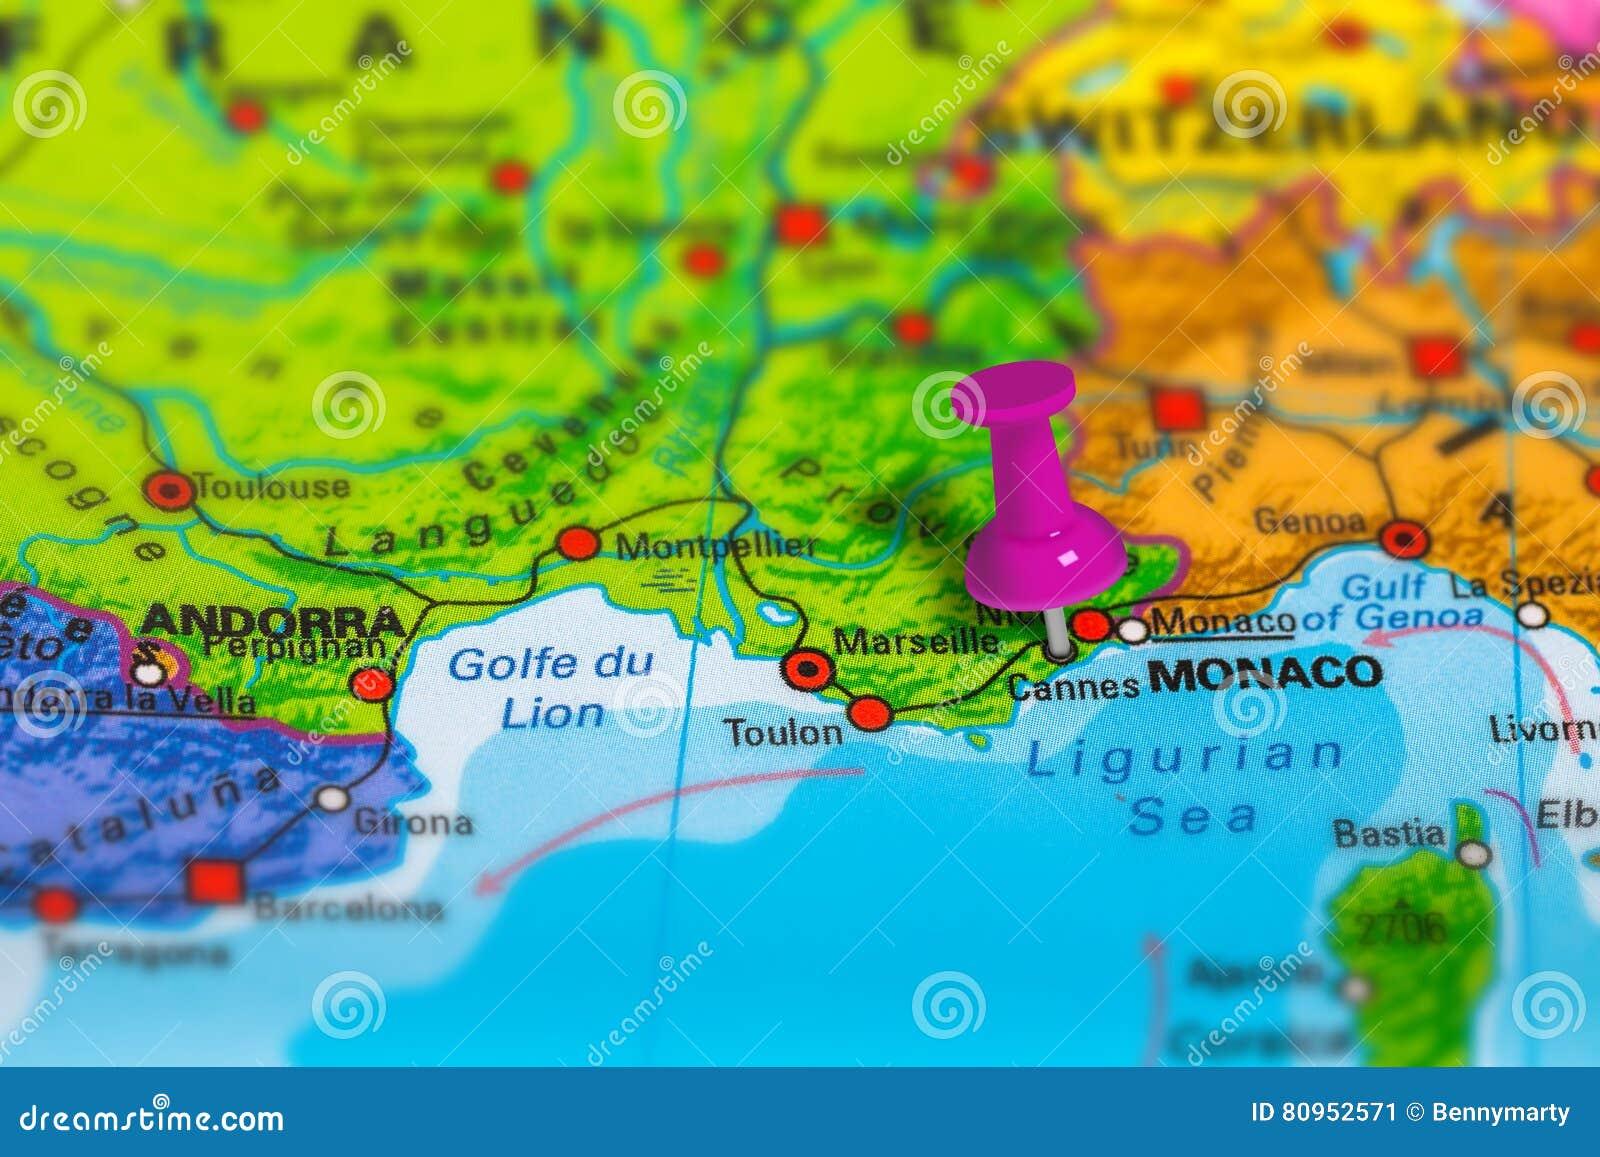 Cartina Di Cannes Francia.Mappa Di Cannes Francia Immagine Stock Immagine Di Esplorazione